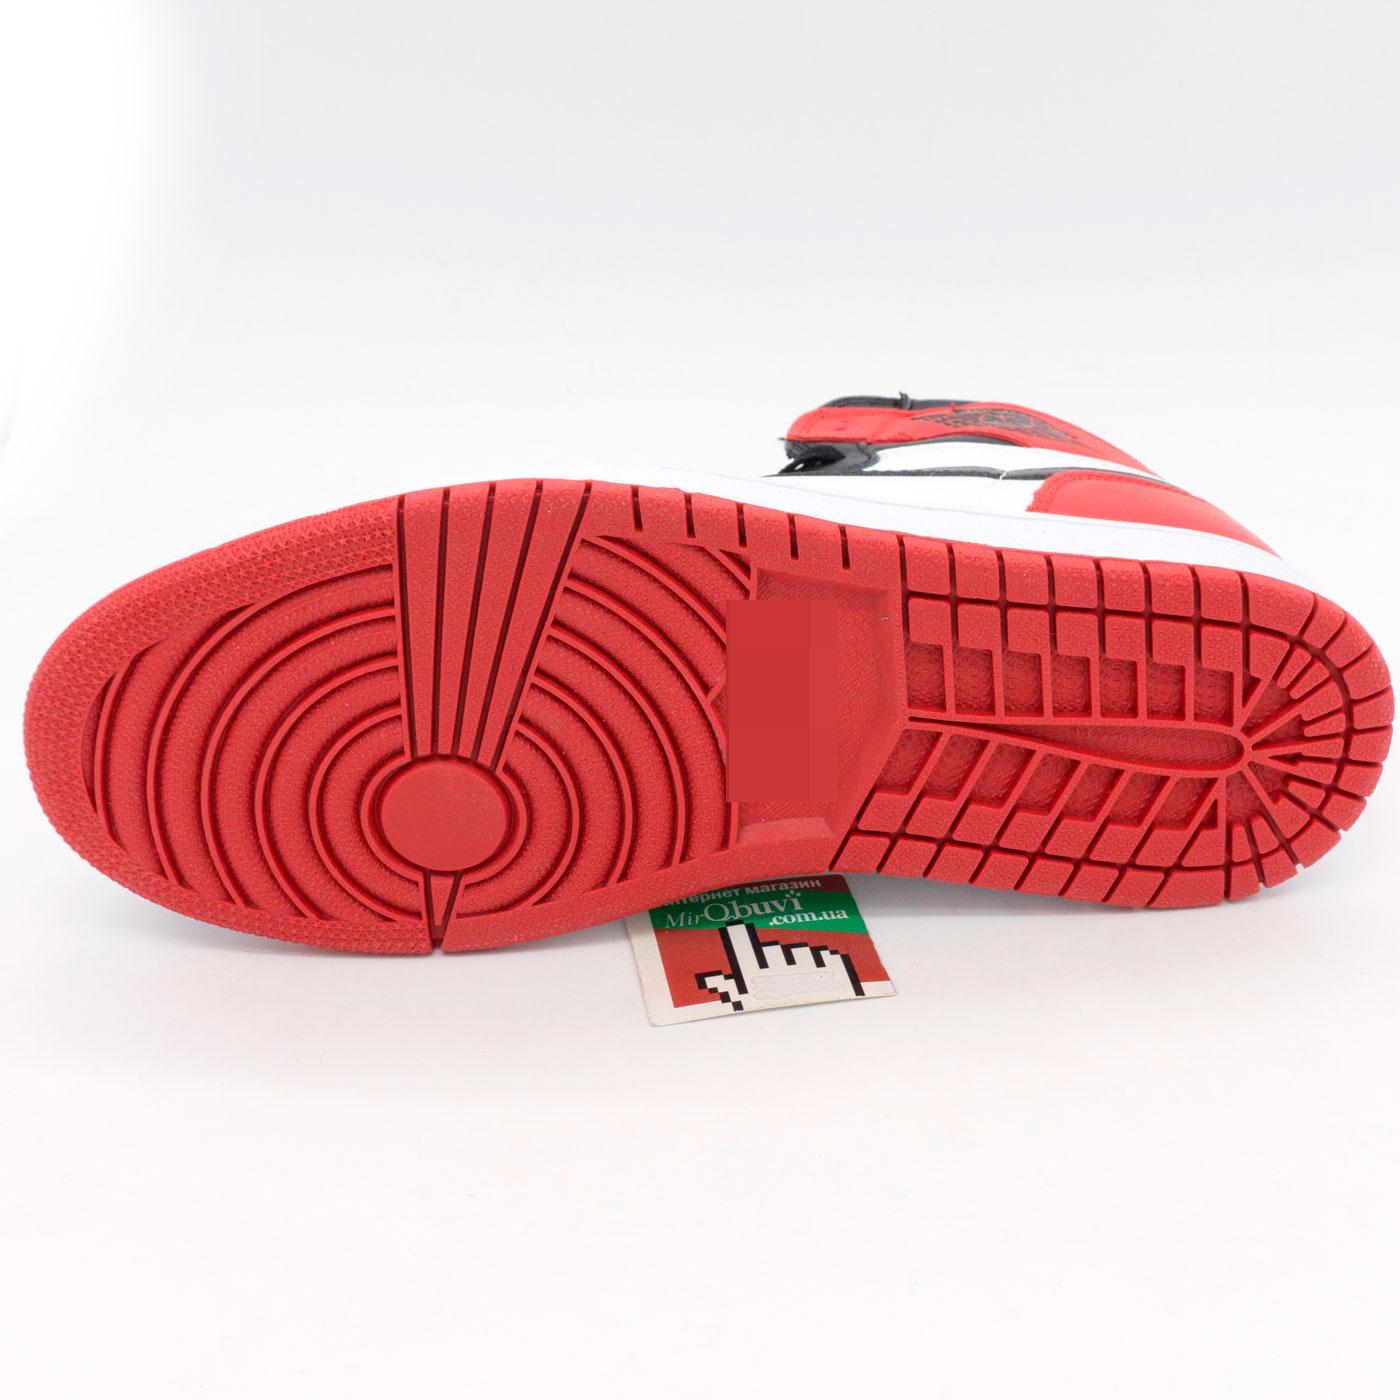 фото back Высокие белым и красным кроссовки Nke Air Jordan 1. Топ качество! back